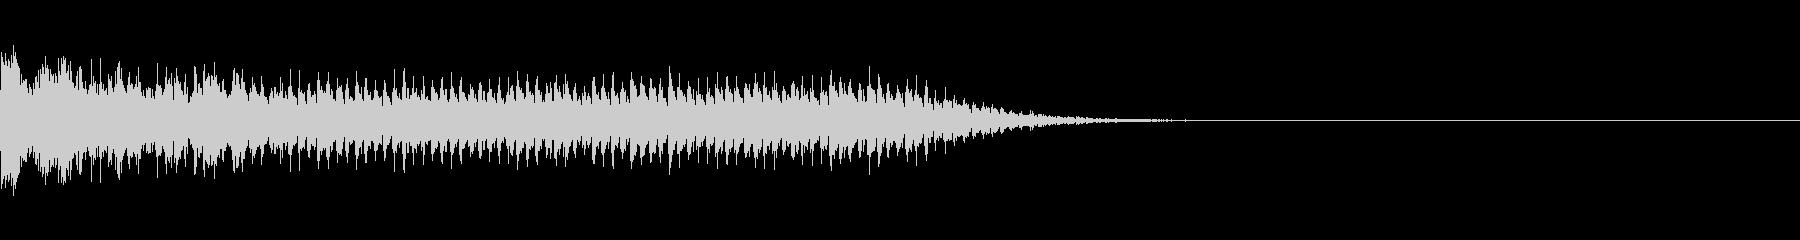 レーザービーム_その3の未再生の波形